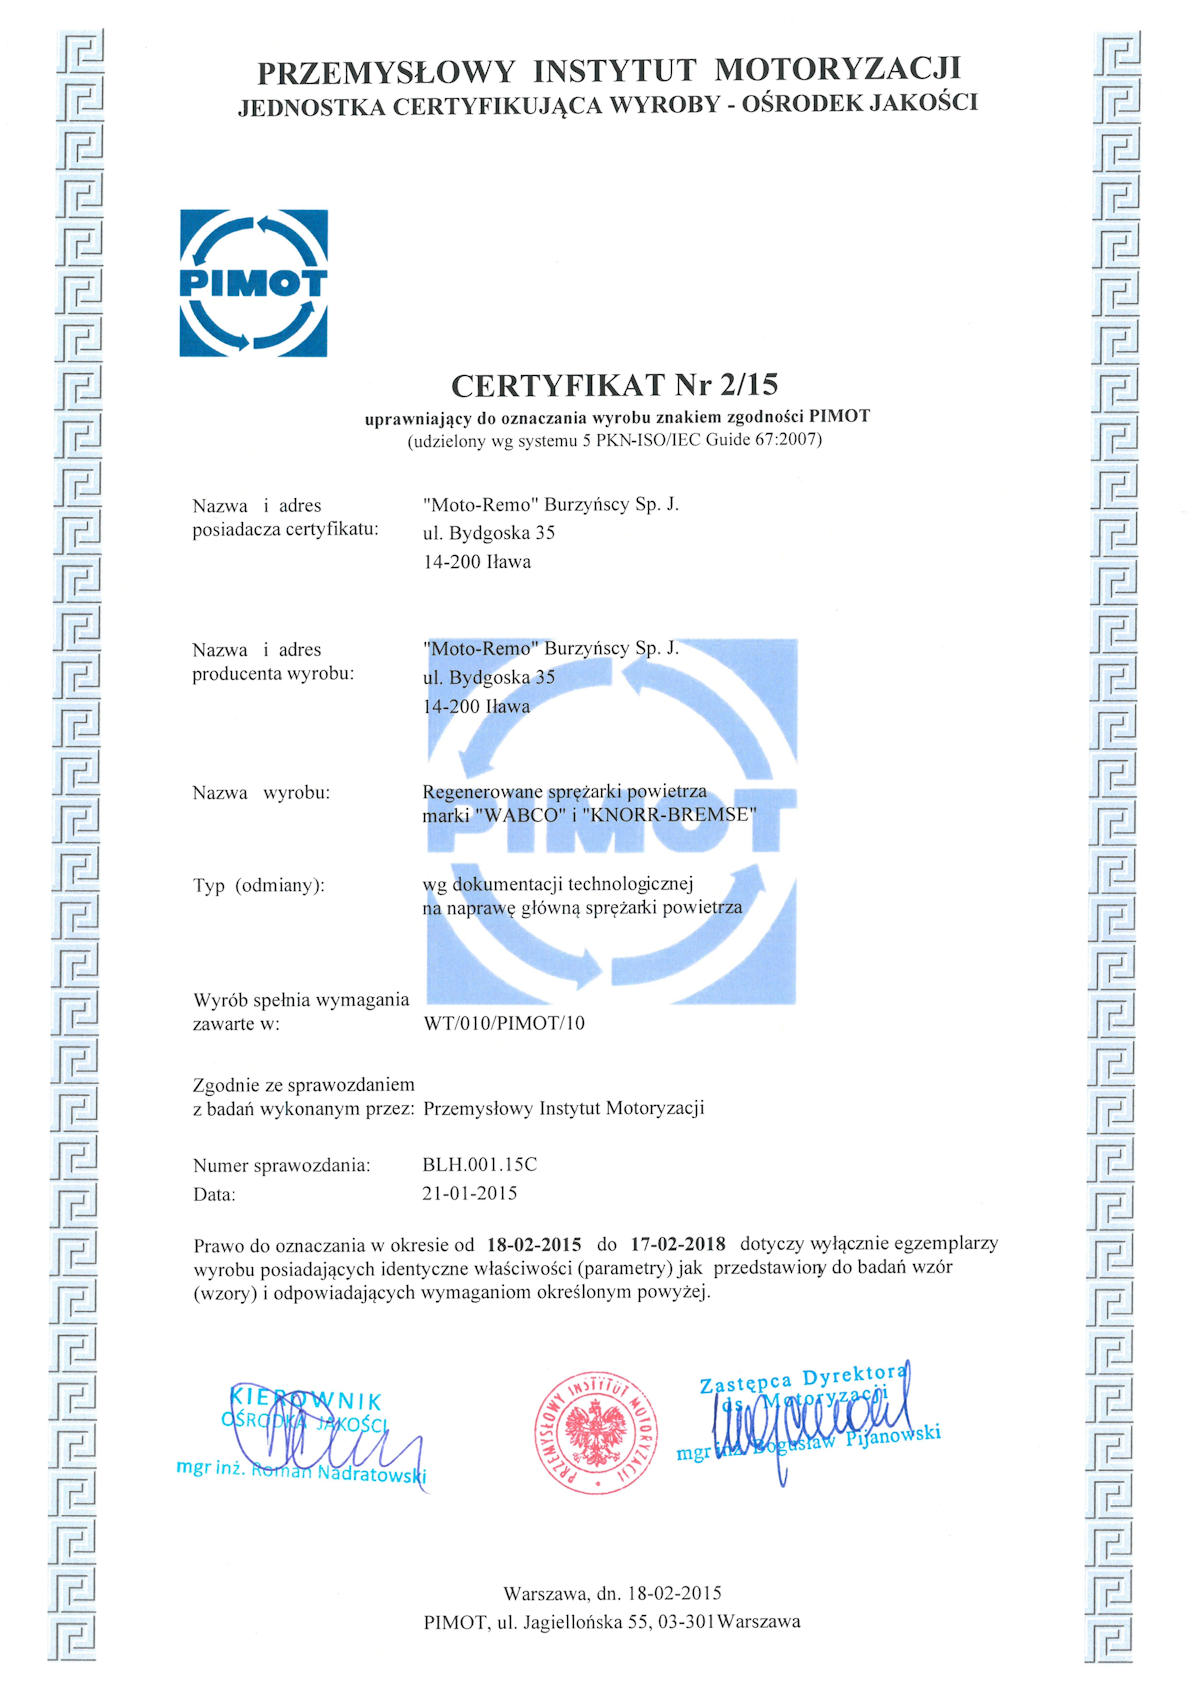 certyfikat pimot 2015